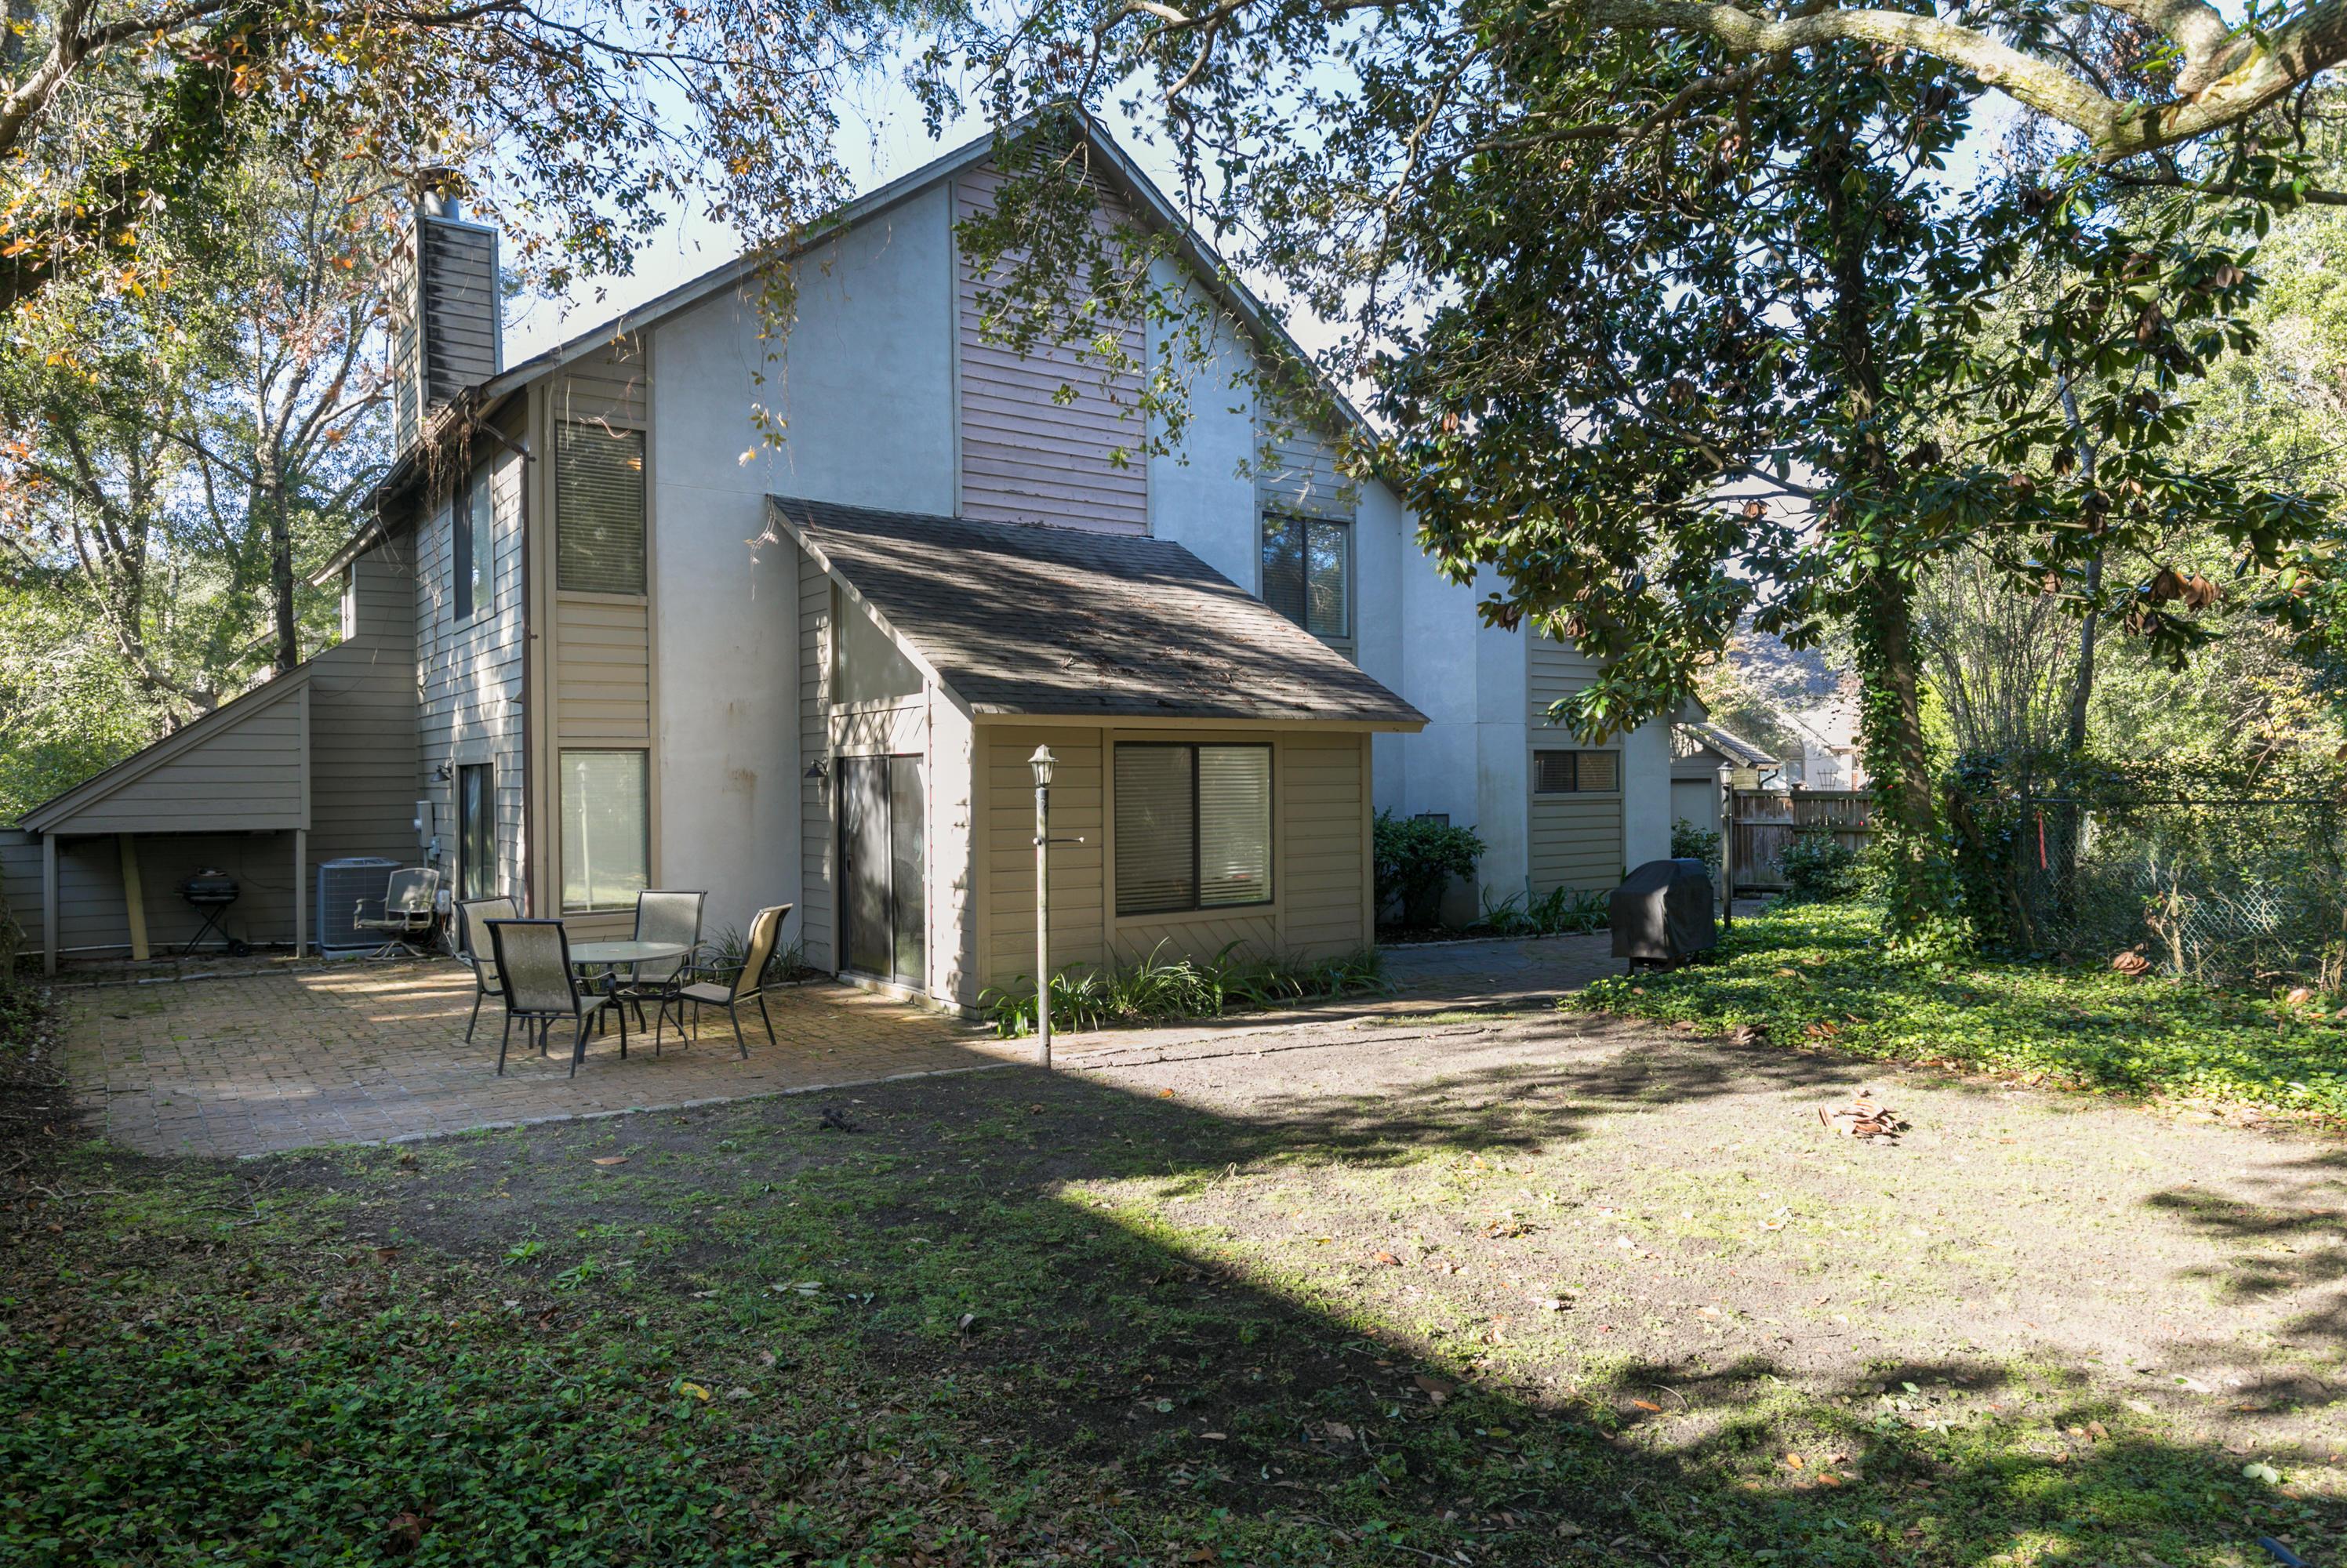 Sandpiper Pointe Homes For Sale - 326 Pelican, Mount Pleasant, SC - 0